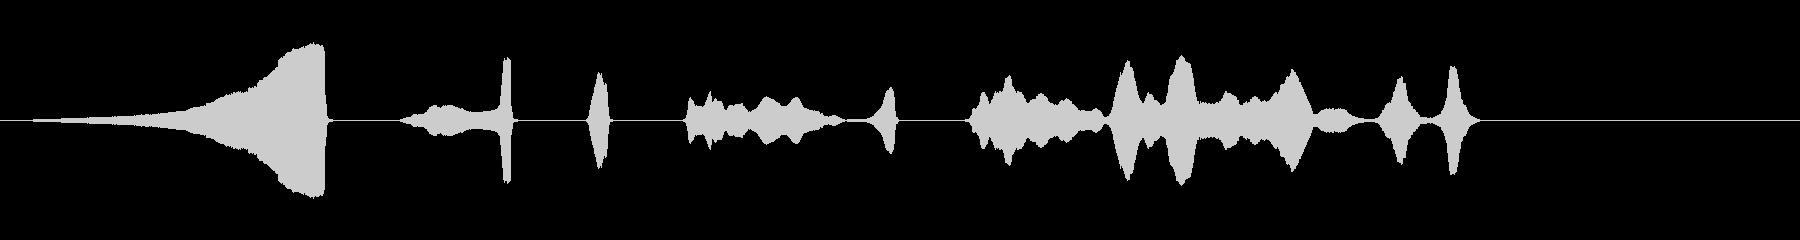 フライバズイン、ショートバック、フ...の未再生の波形